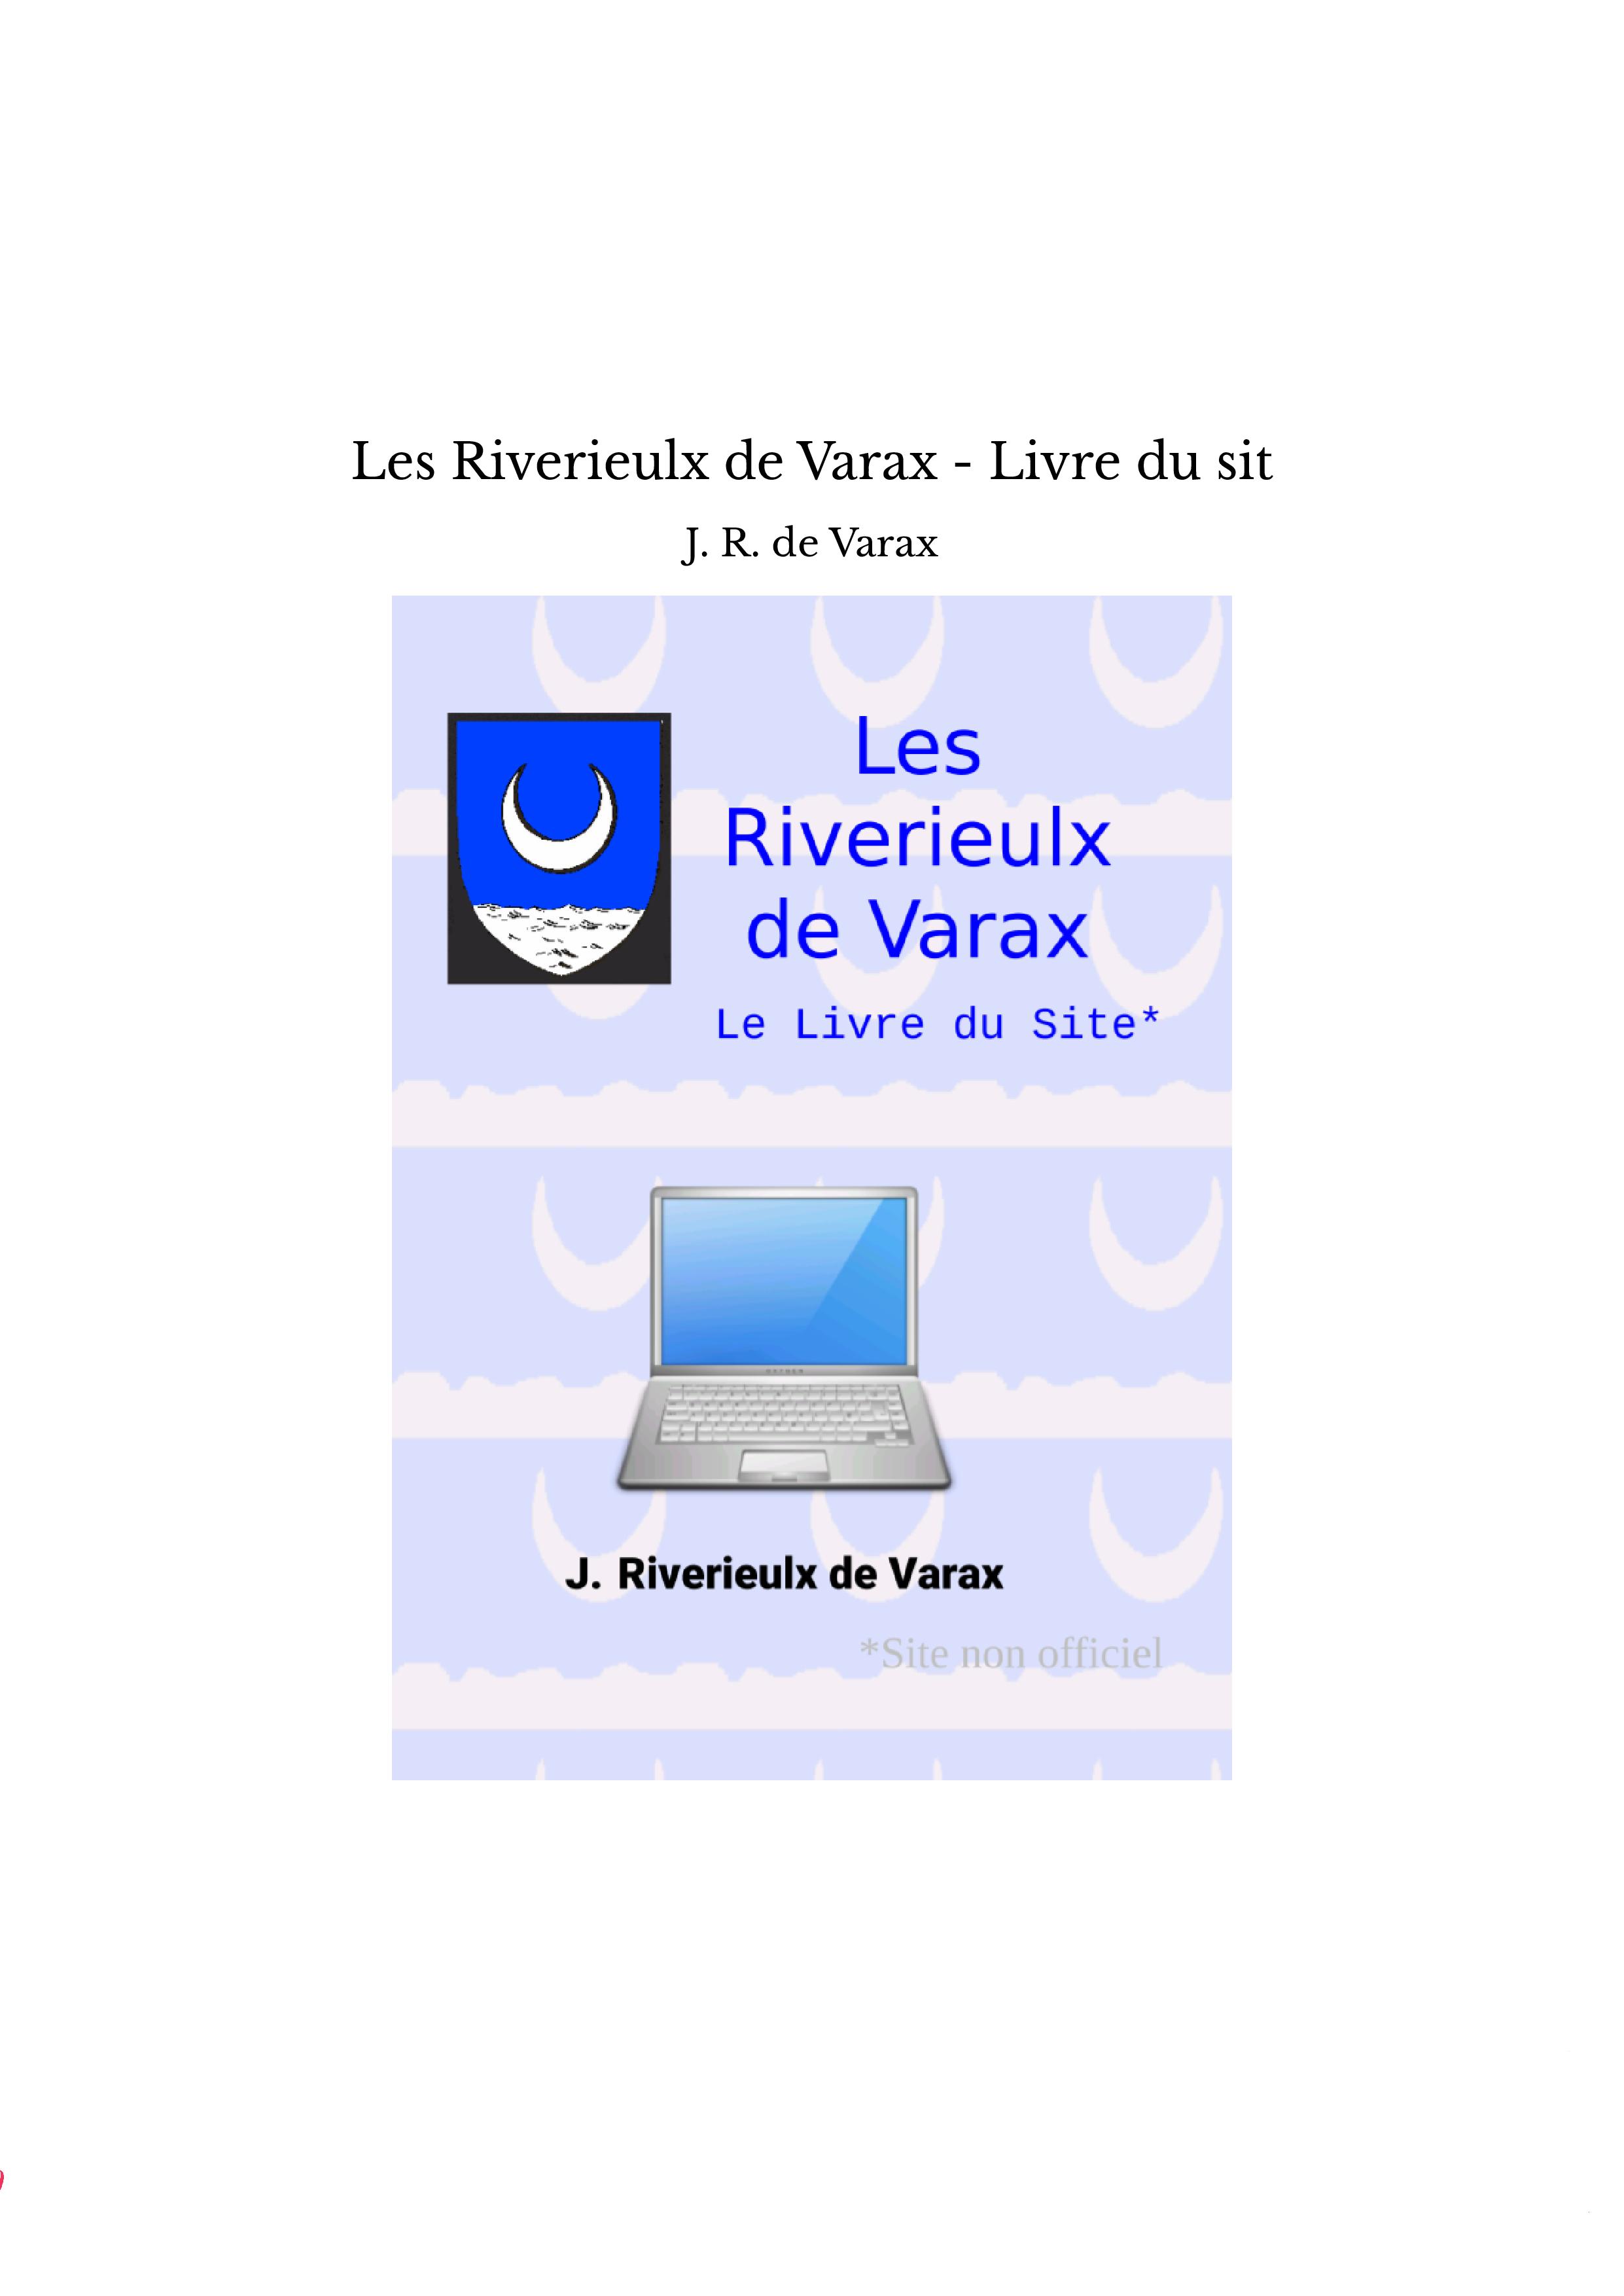 Les Riverieulx de Varax - Livre du sit